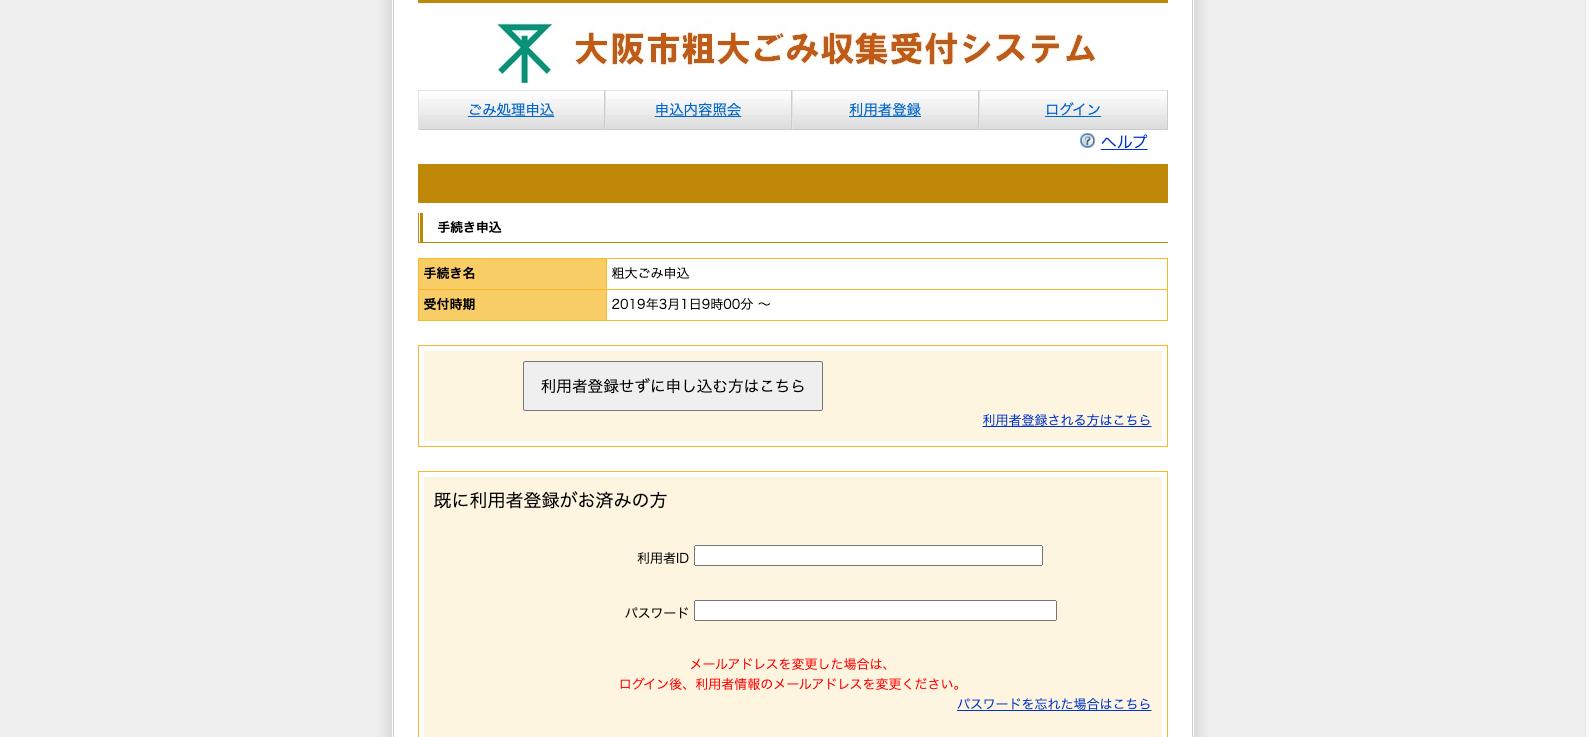 利用者登録せずに申し込む方はこちら